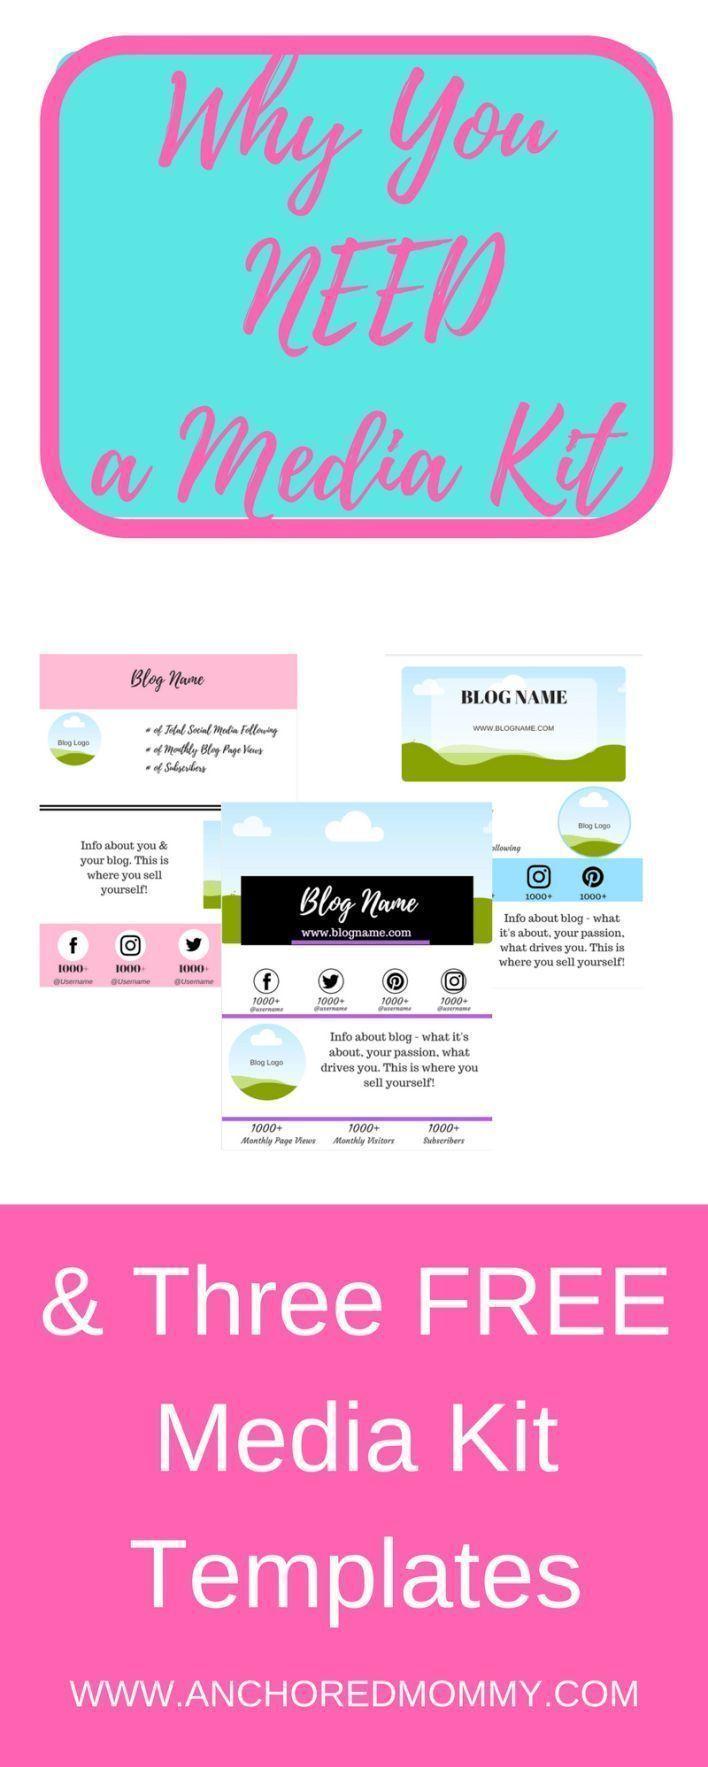 why bloggers need a media kit 3 free media kit templates